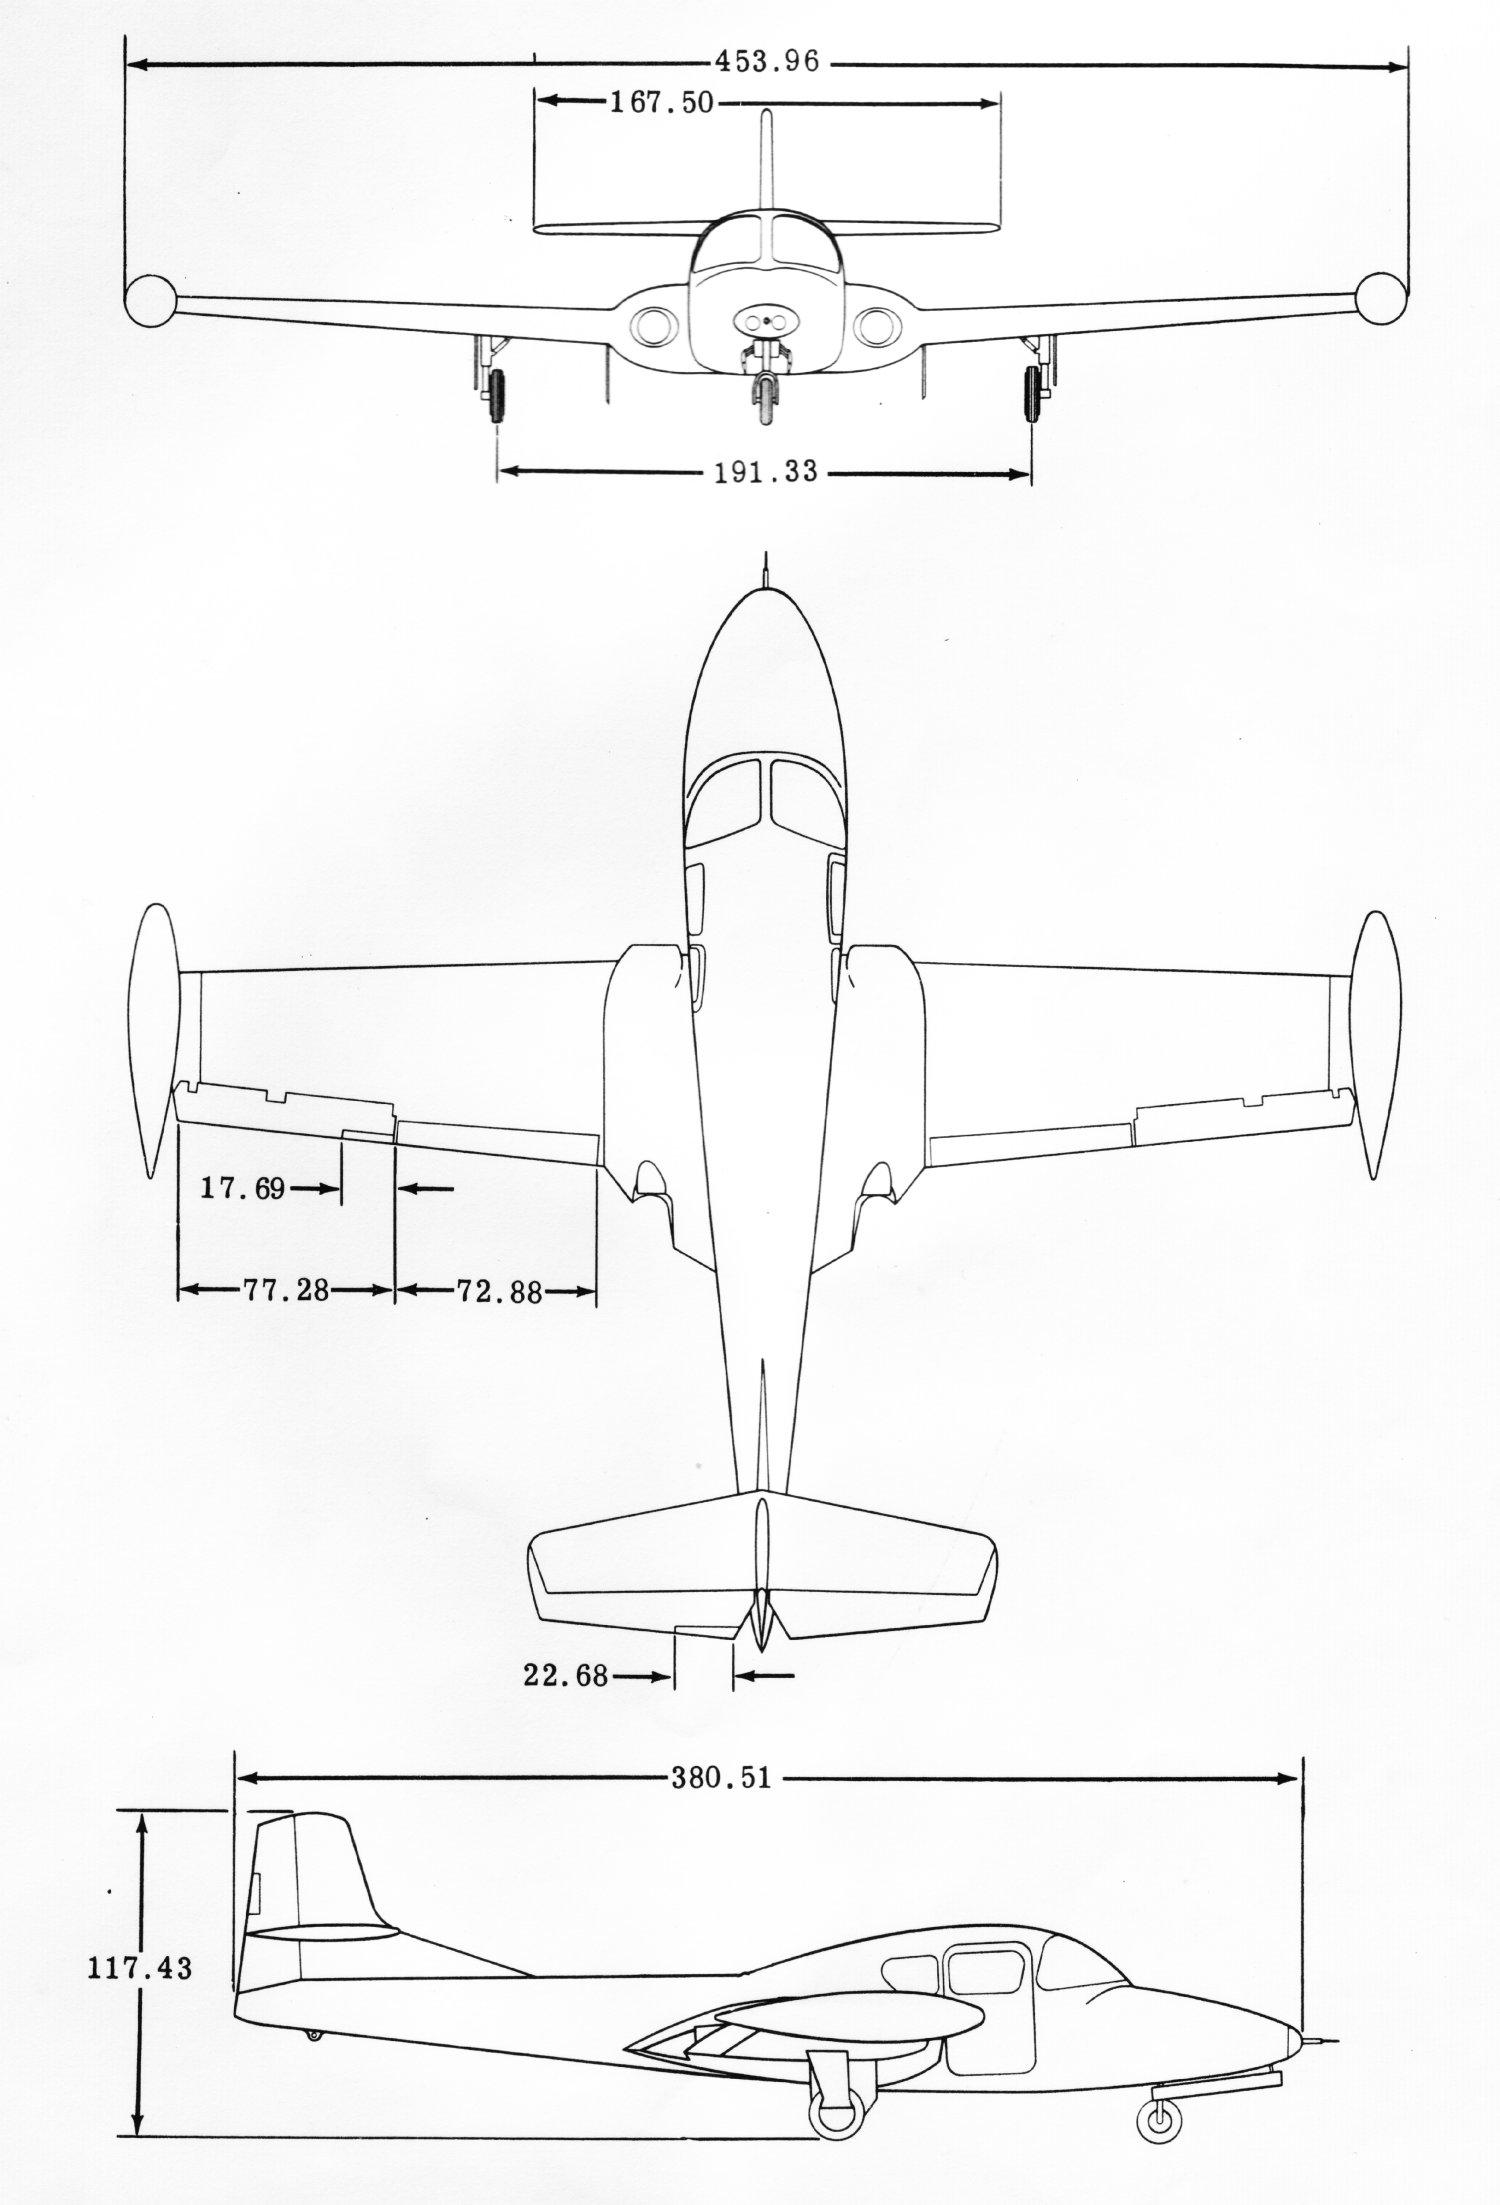 Cessna 172 Wiring Diagram Auto Electrical Prestolite 8rg3008 24 Volt Alternator 310 Fuel System Schematic